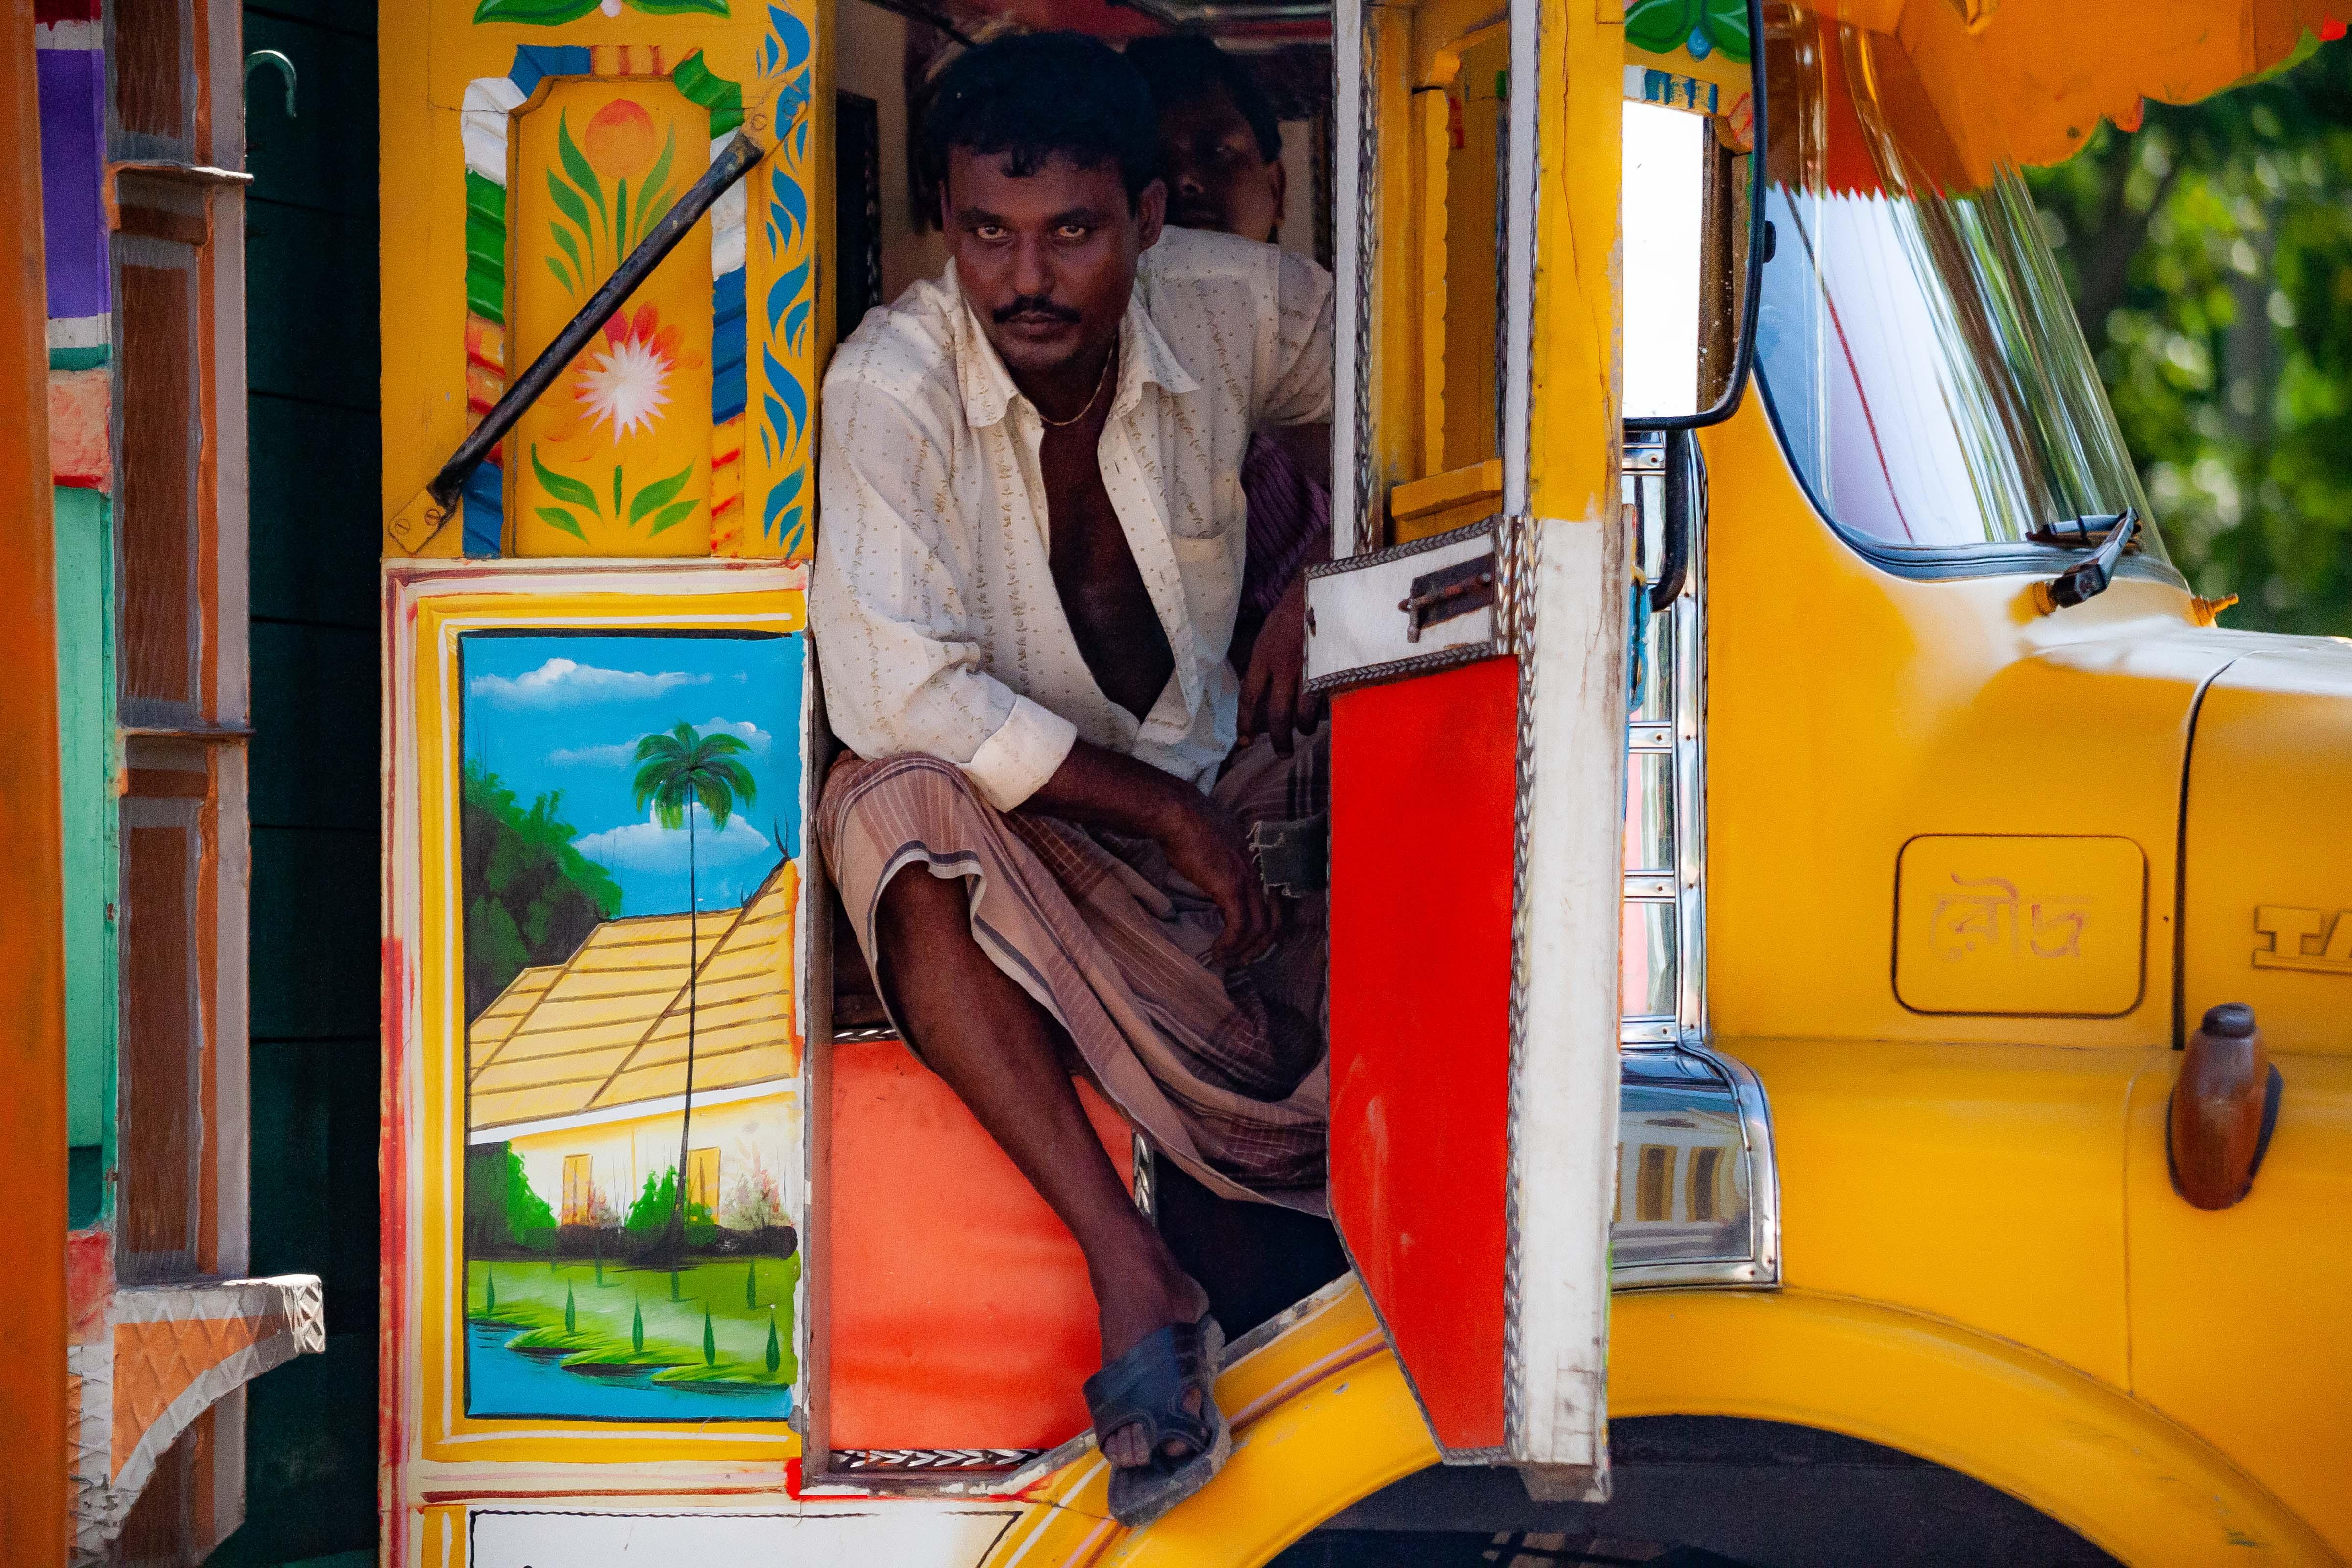 Bangladesh, Tangail Prov, Busdriver, 2009, IMG 8965